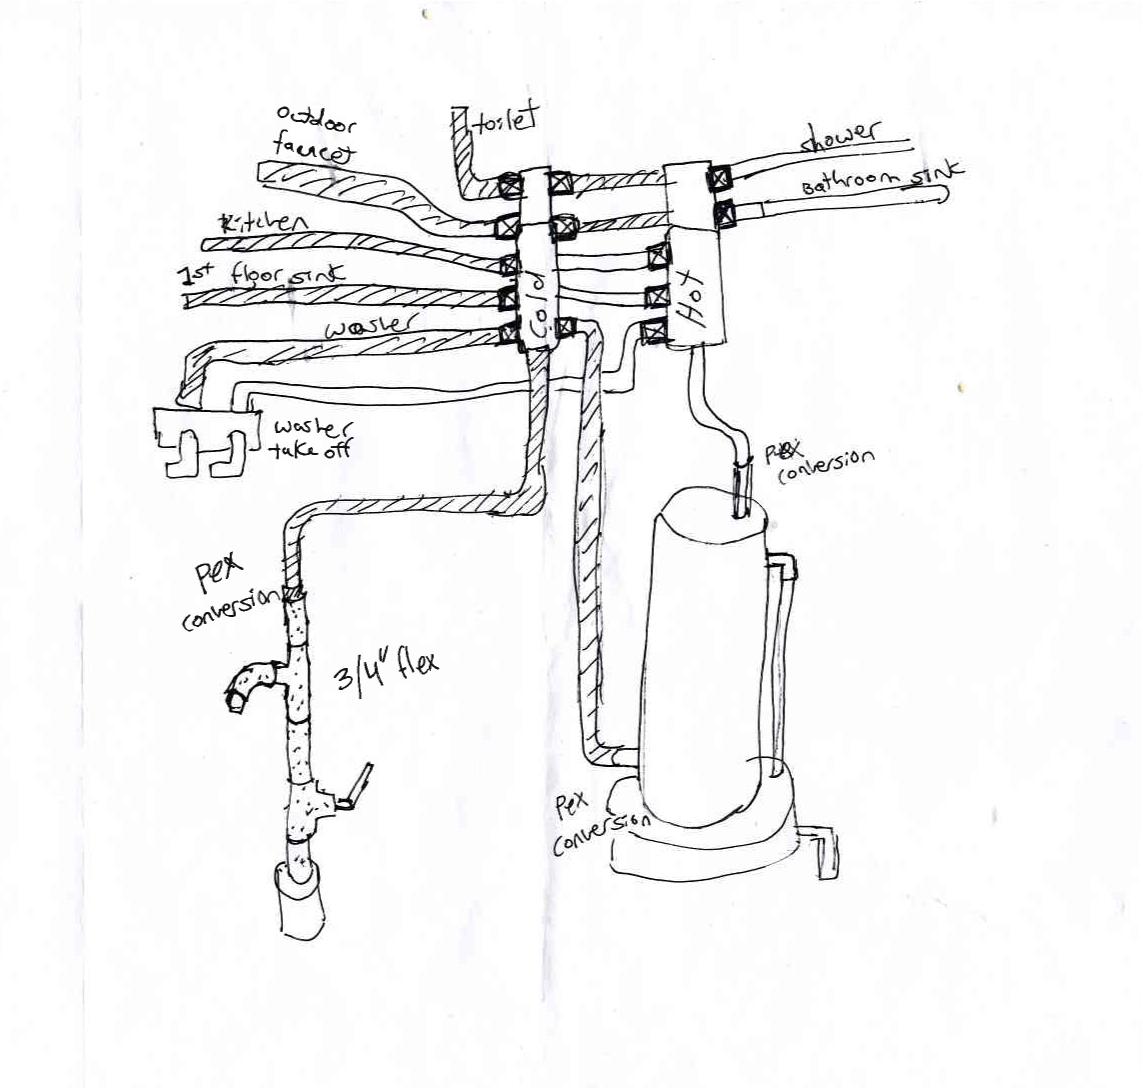 For Catalina 30 Plumbing Diagram